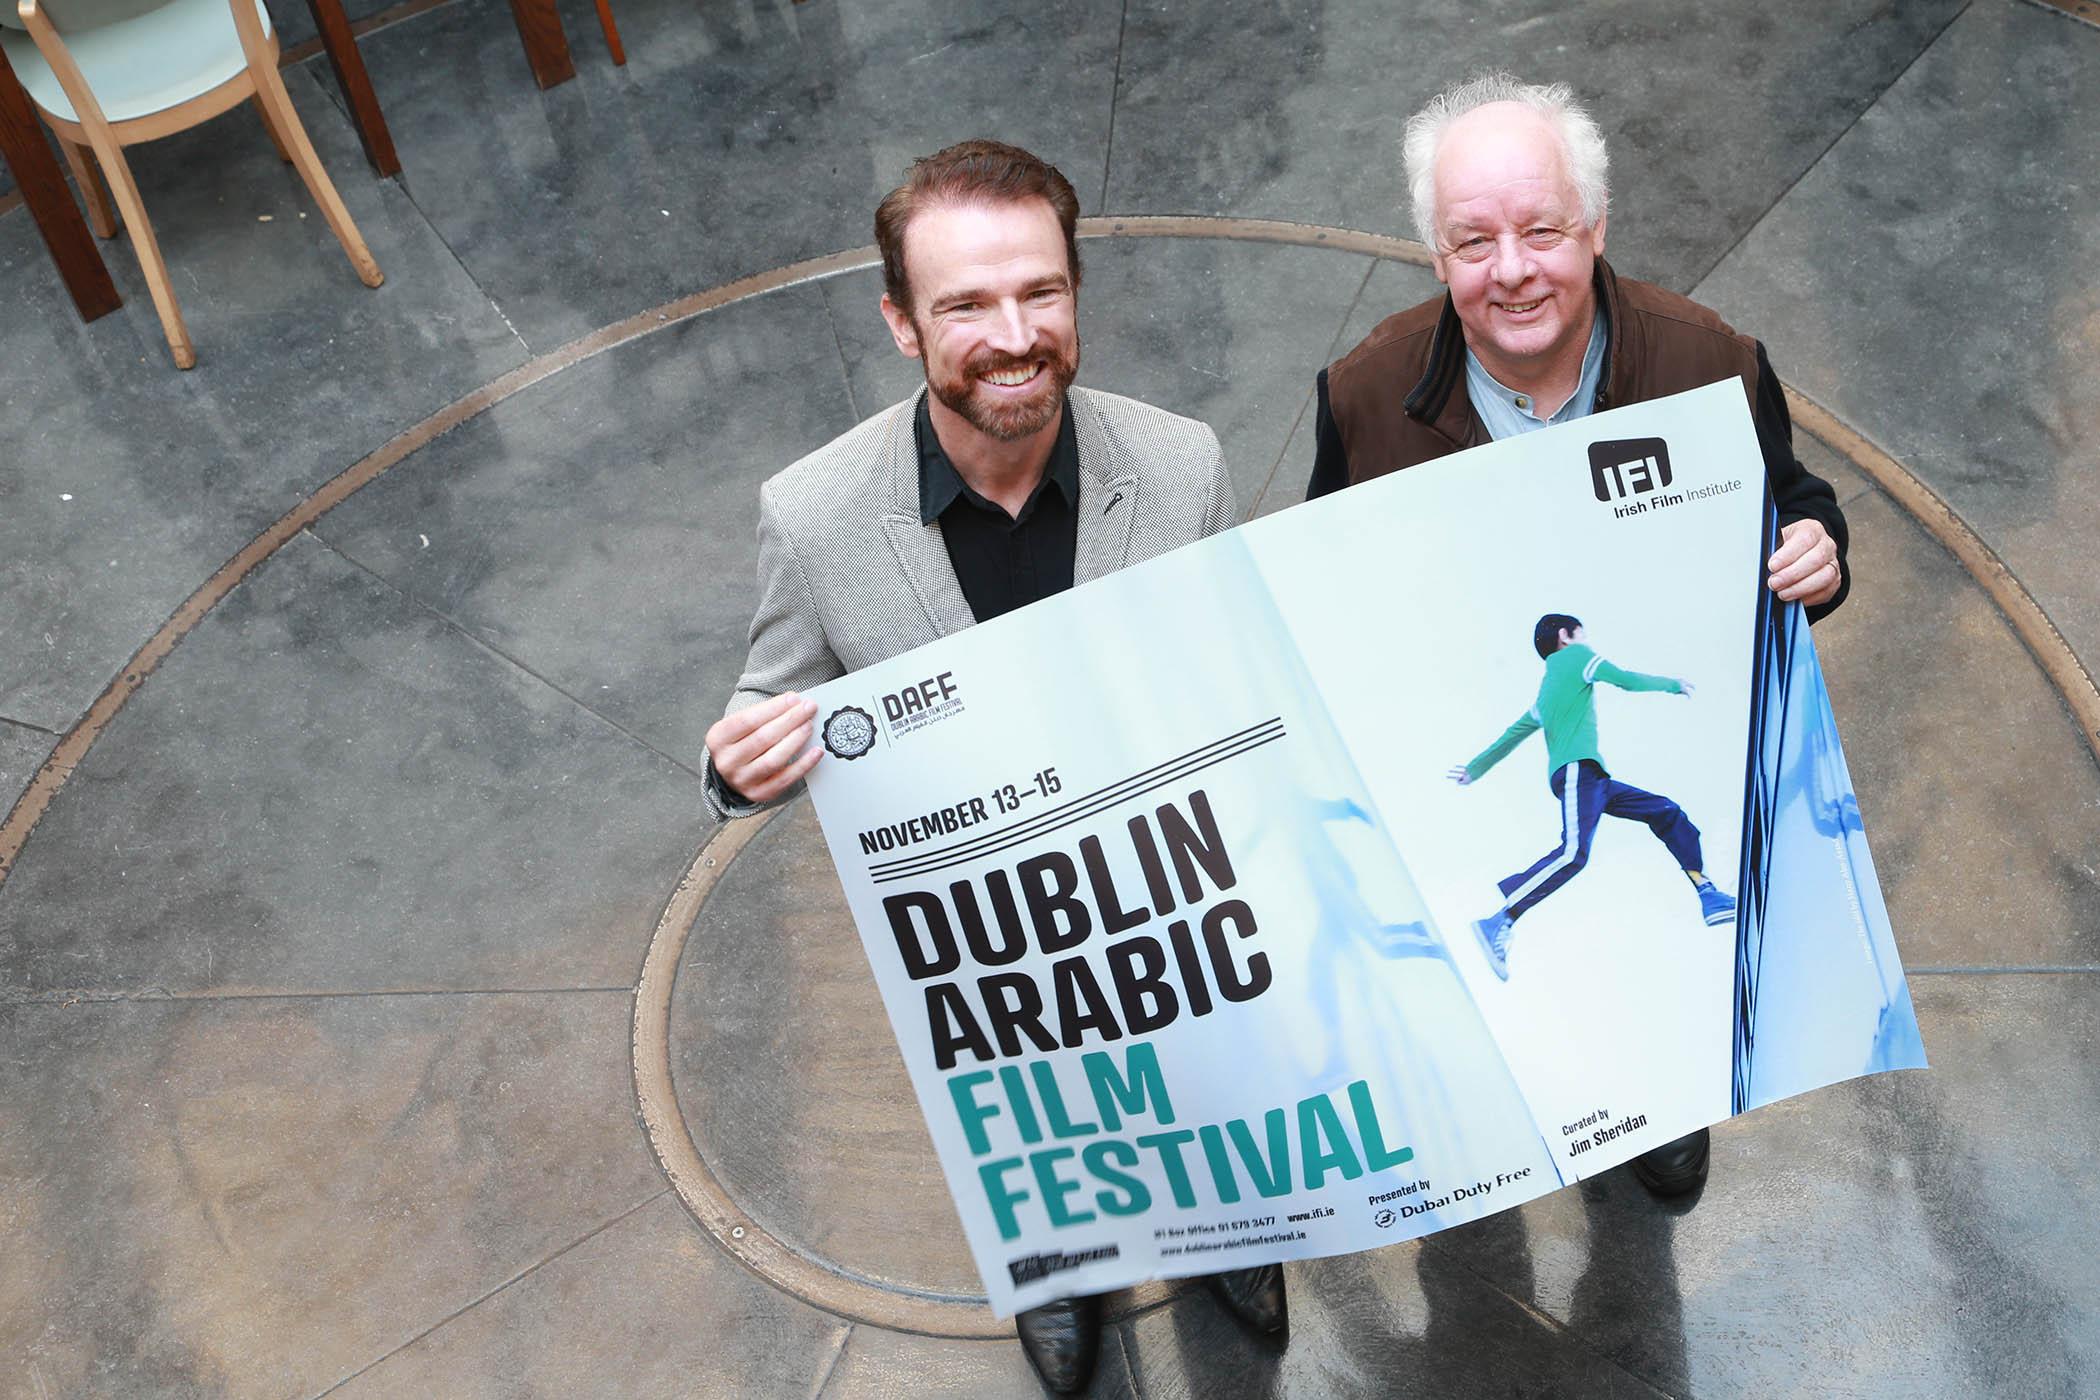 صانع الأفلام جيم شيريدان يرعى مهرجان دُبلن للفيلم العربيّ